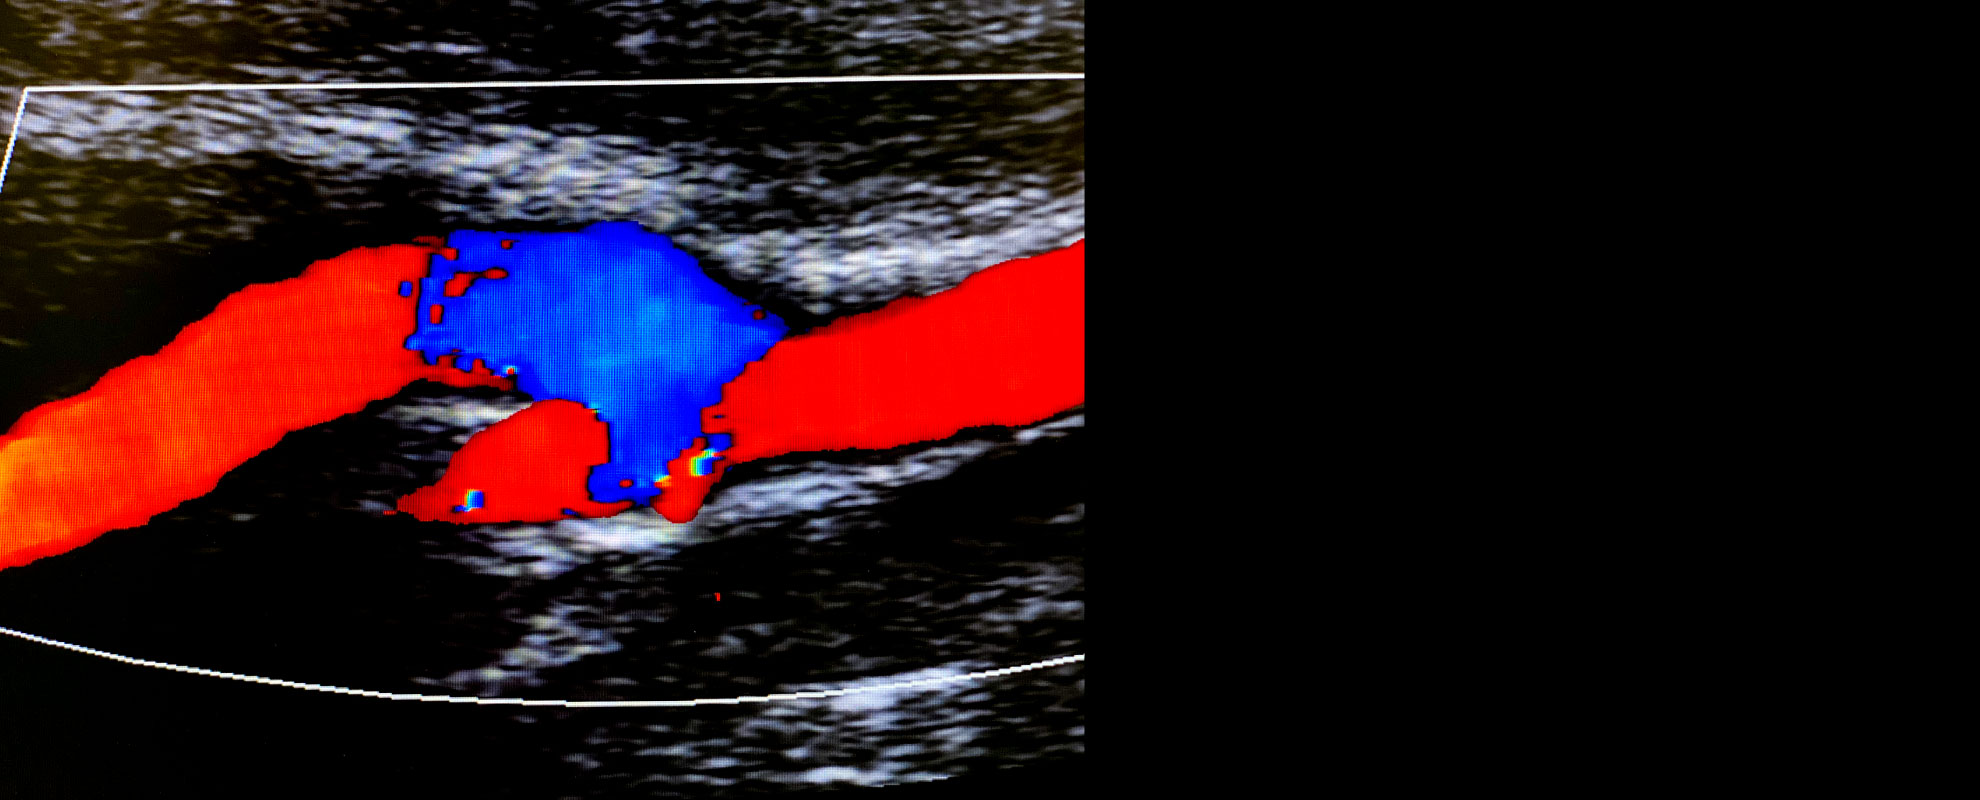 Precisão Diagnóstica Angiodoppler